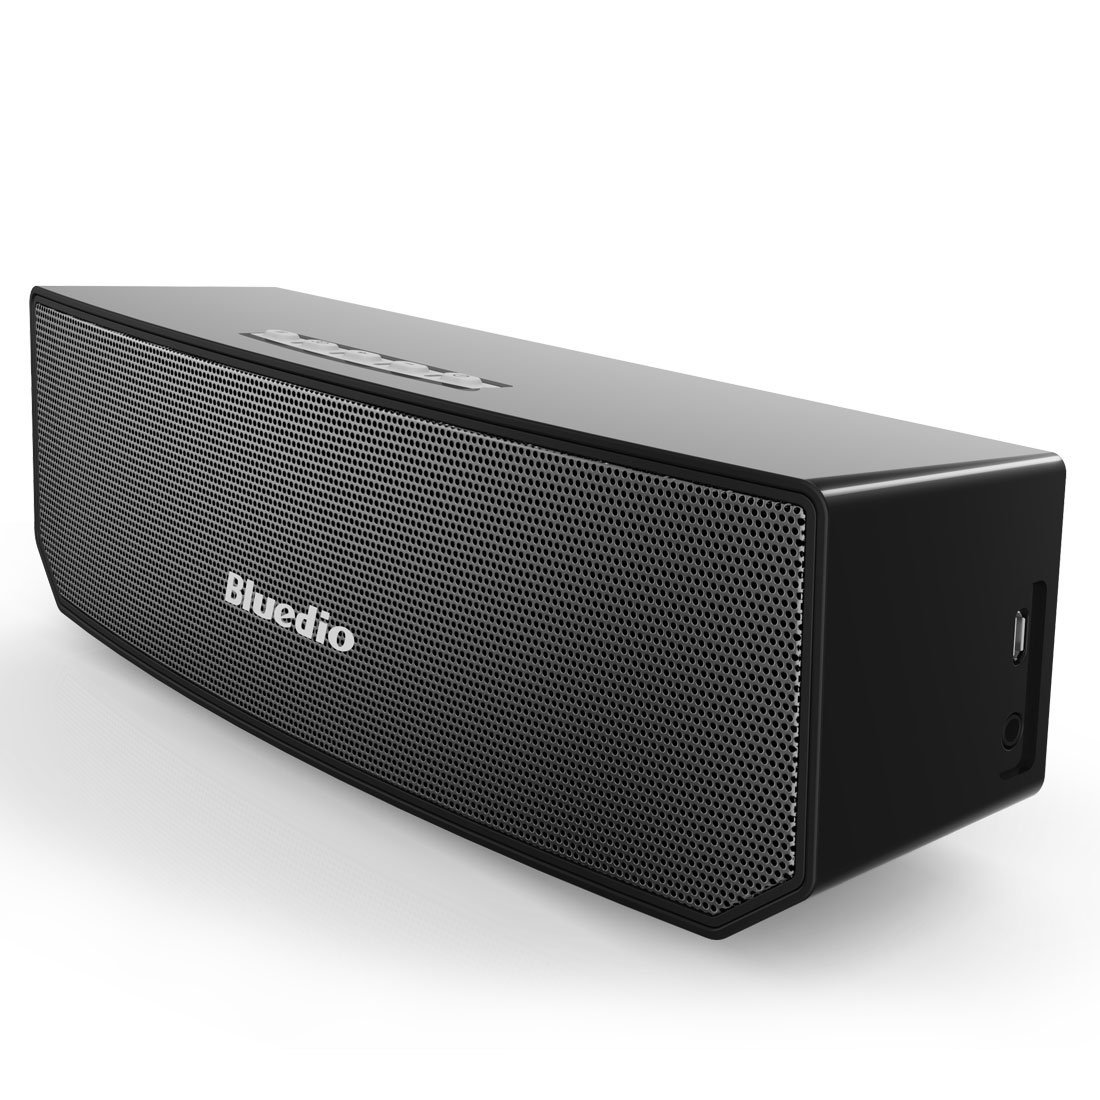 【送料無料!】Bluetooth ワイヤレススピーカー 3D ステレオnサウンド ブラック 黒